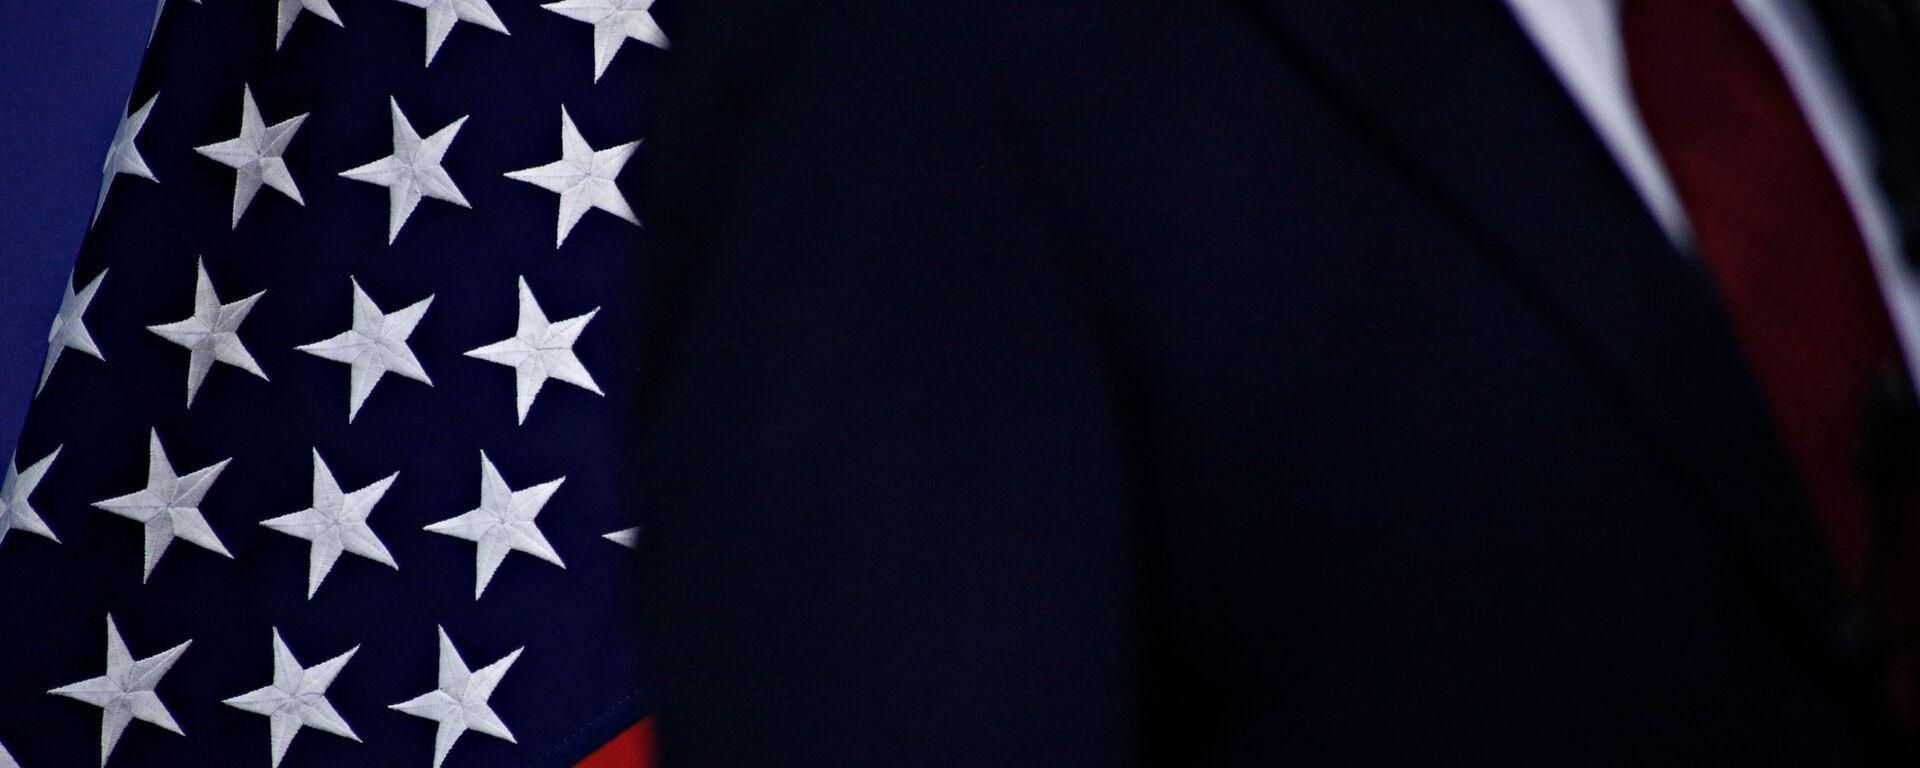 Η σημαία των ΗΠΑ - Sputnik Ελλάδα, 1920, 08.10.2021